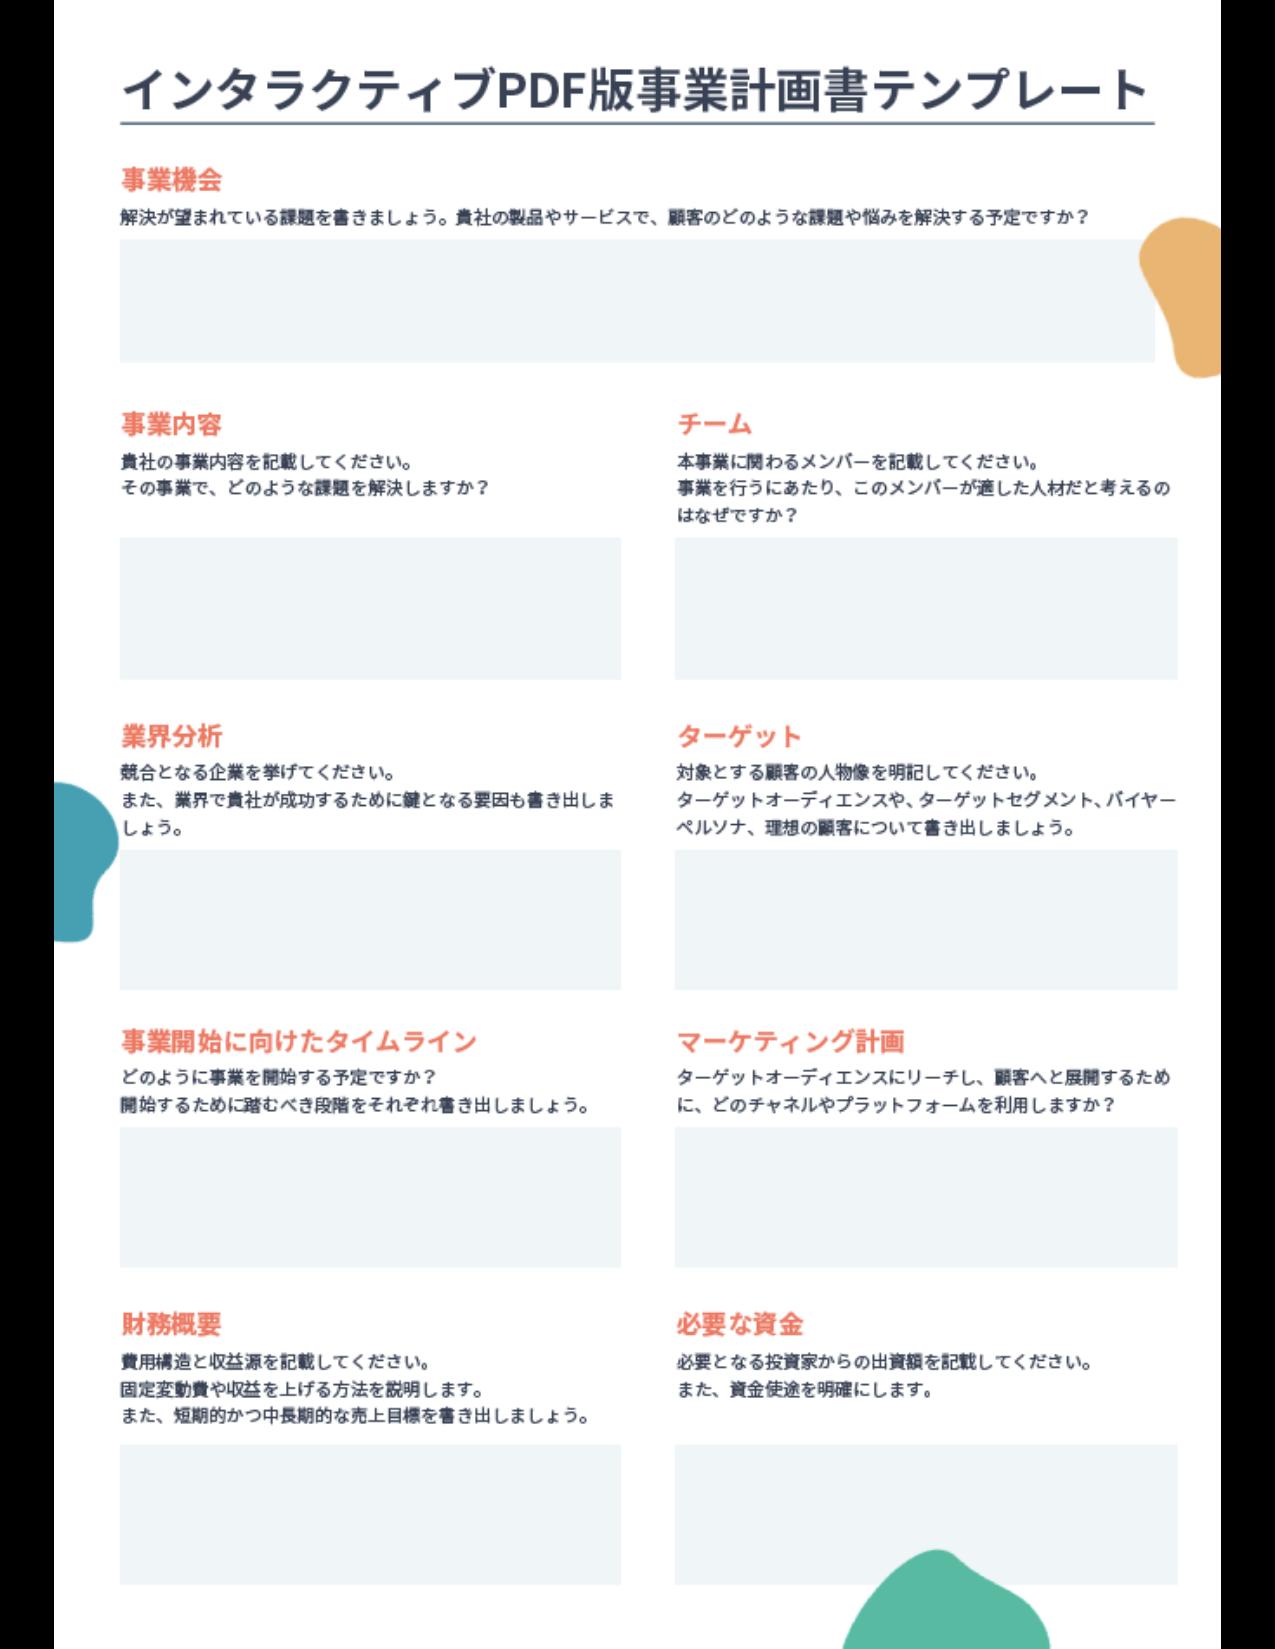 事業計画書テンプレート_LP